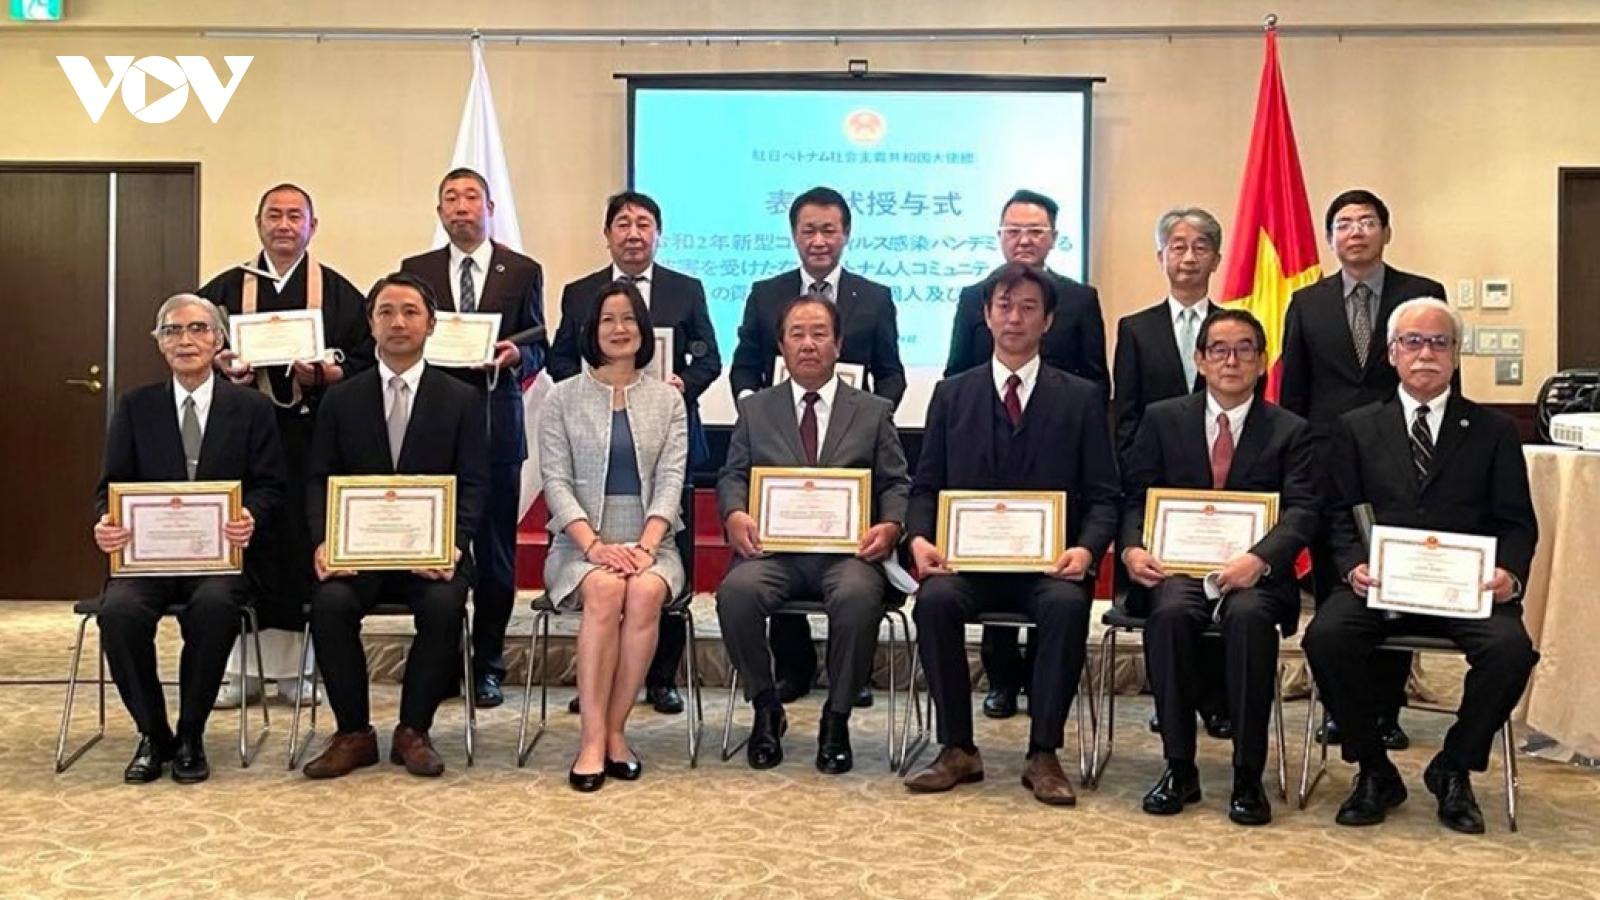 ĐSQ Việt Nam khen thưởng tập thể-cá nhân người Nhật Bản có công năm 2020